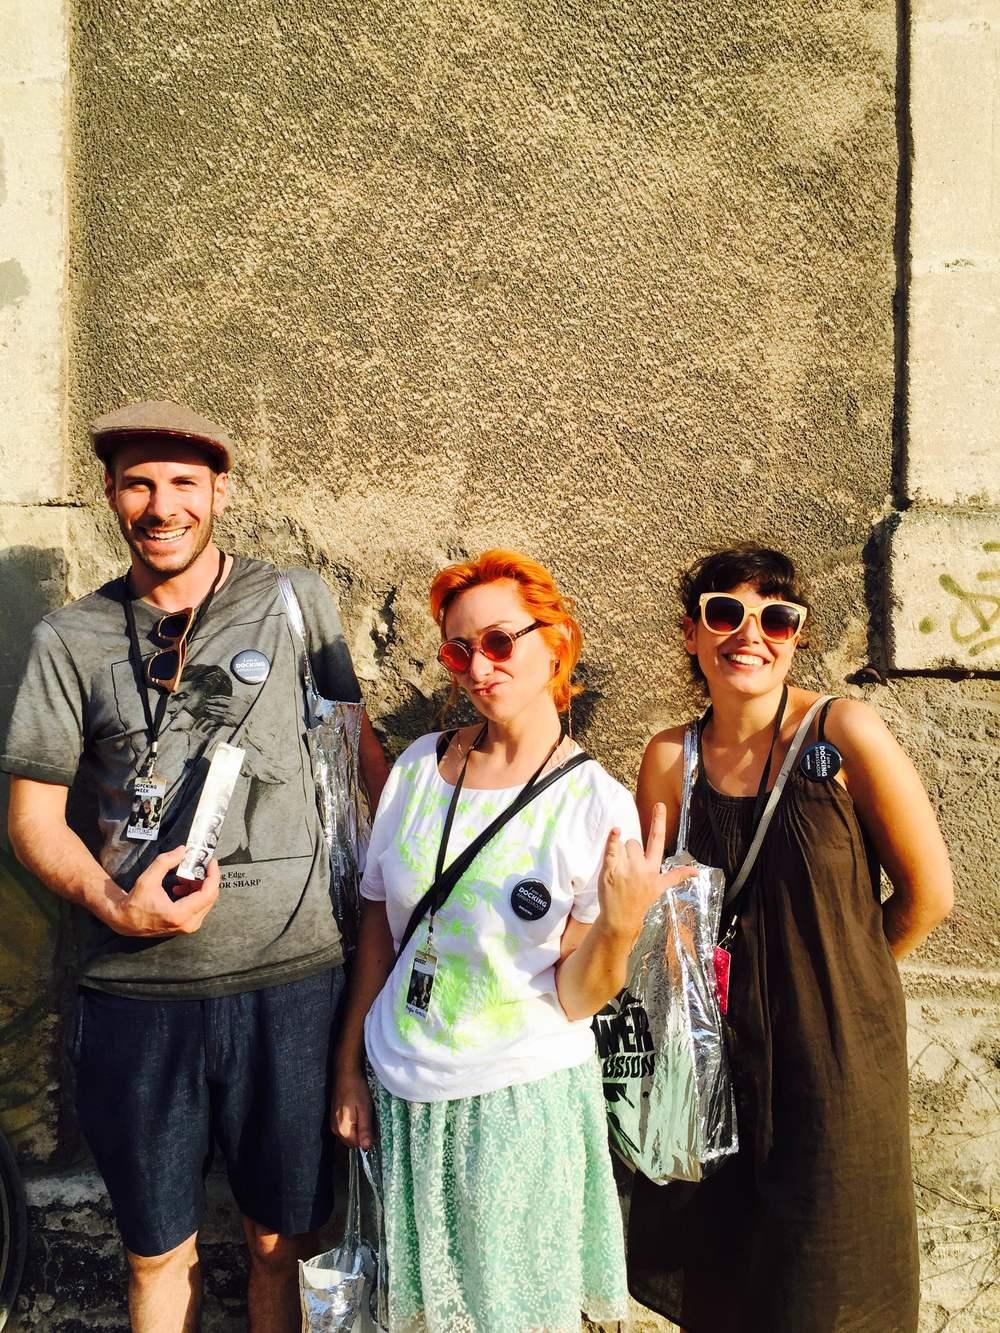 ANTÓNIO FERREIRA, ÂNGELA BERLINDE, SOFIA SOARES    Encontros da Imagem, Portugal